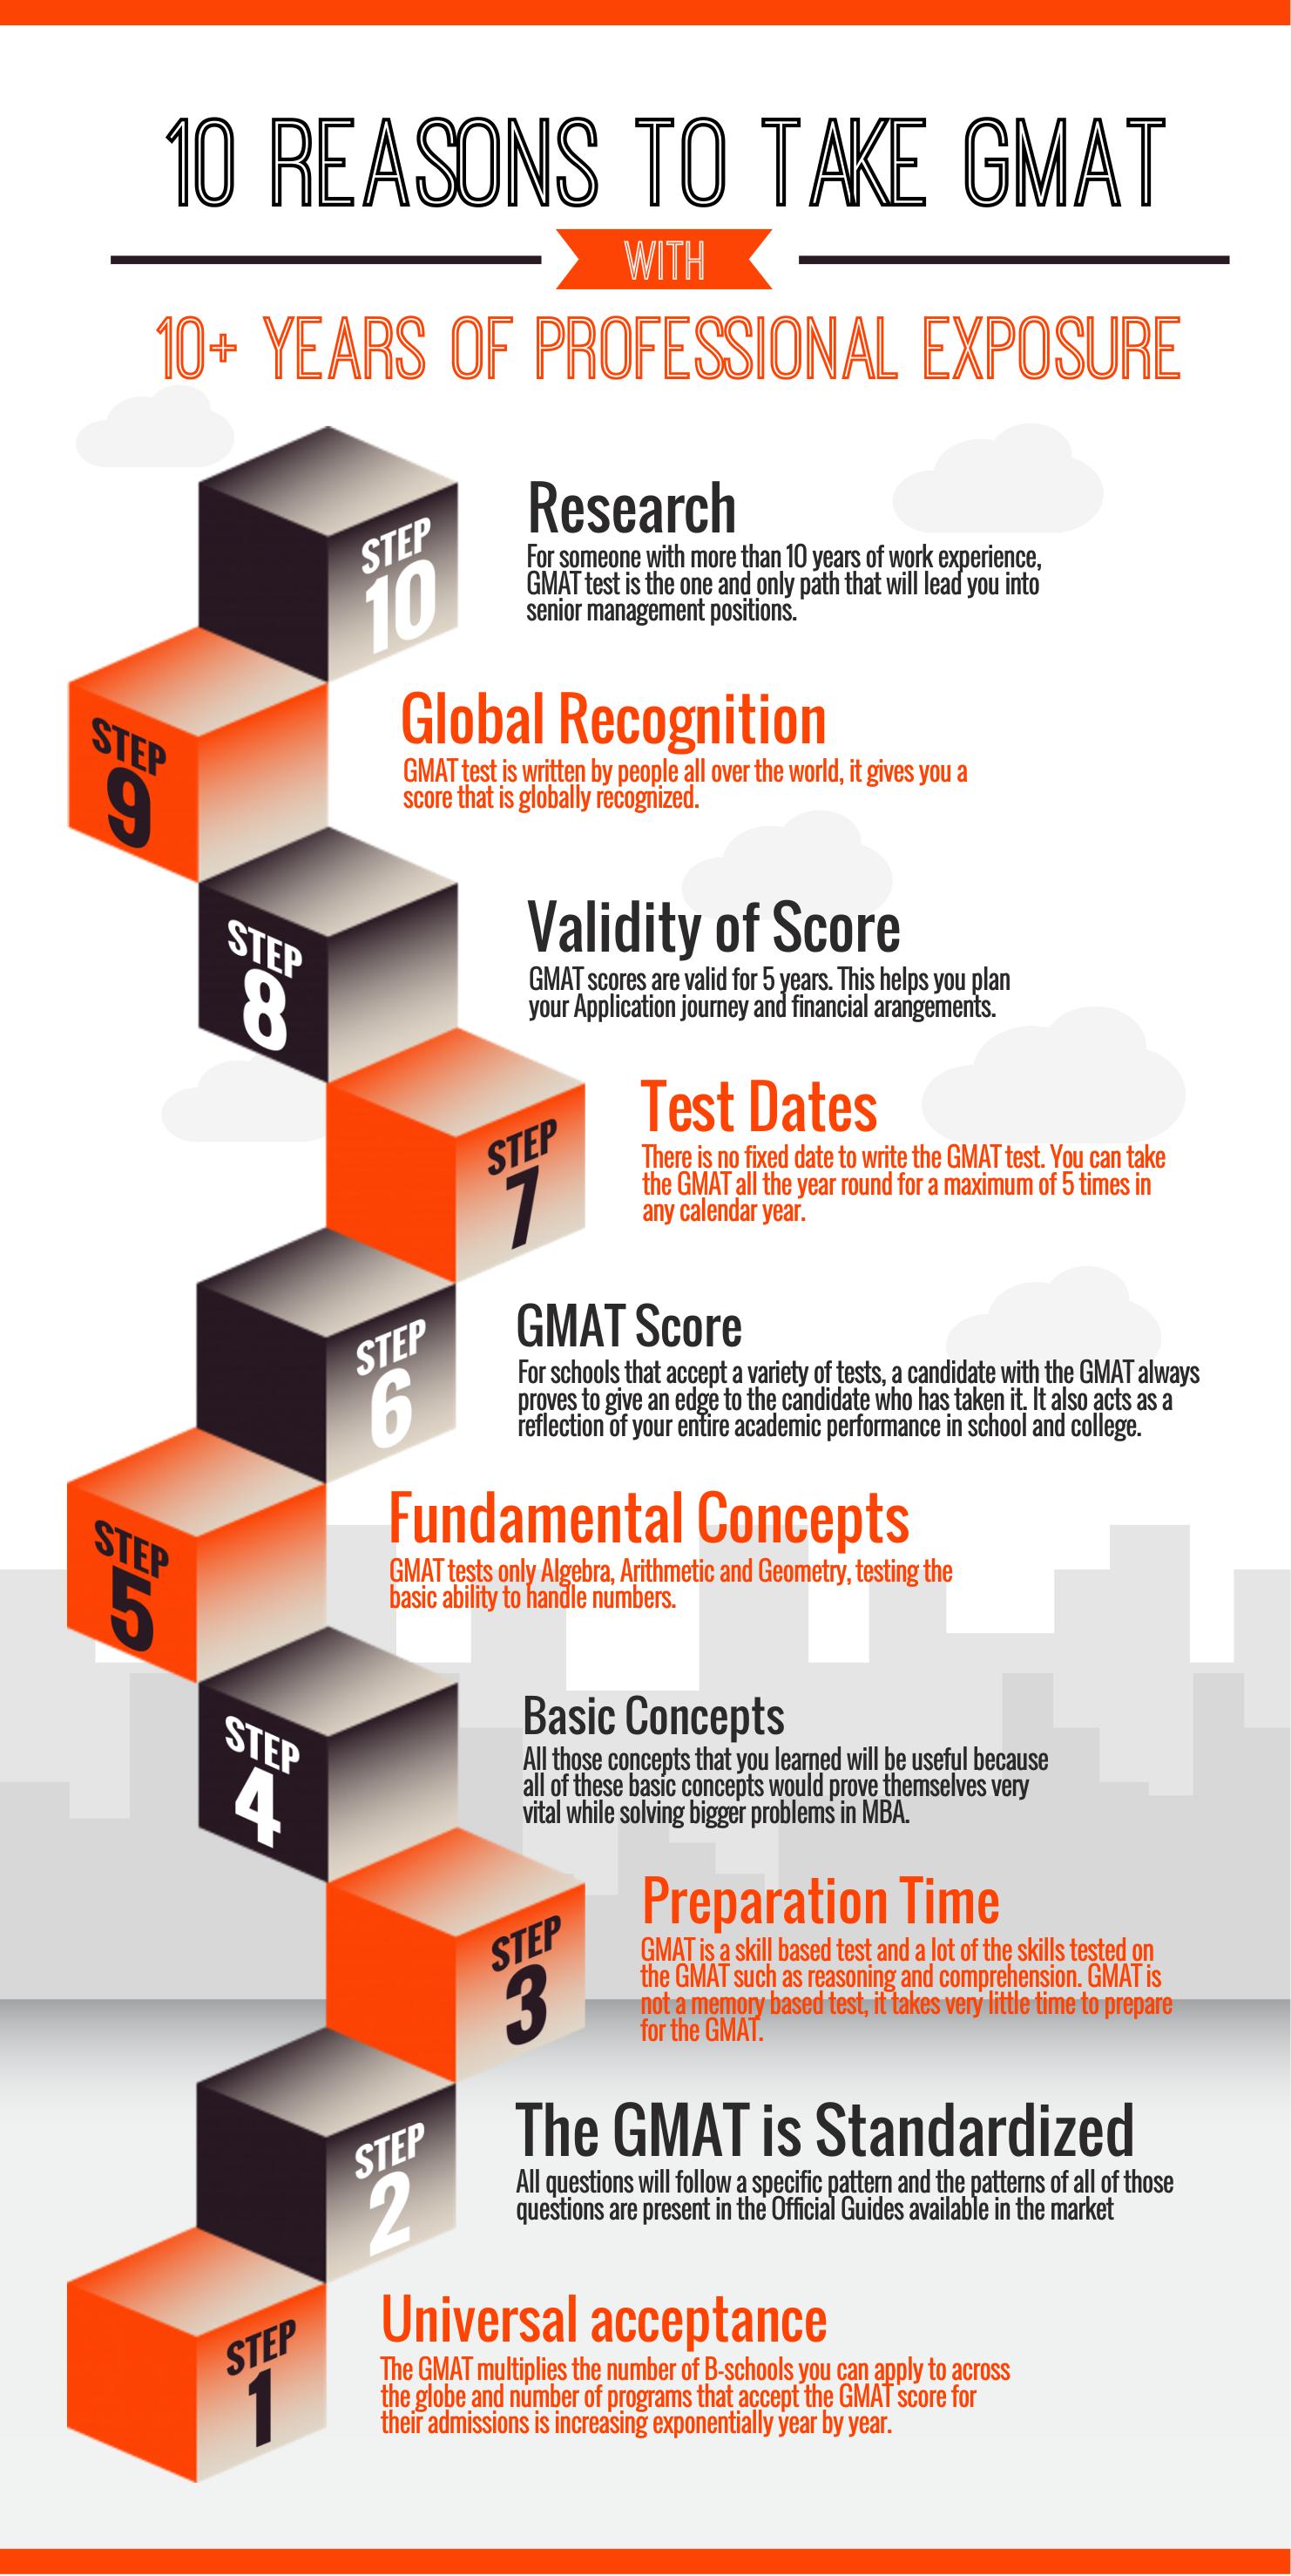 10 Reasons to Take GMAT